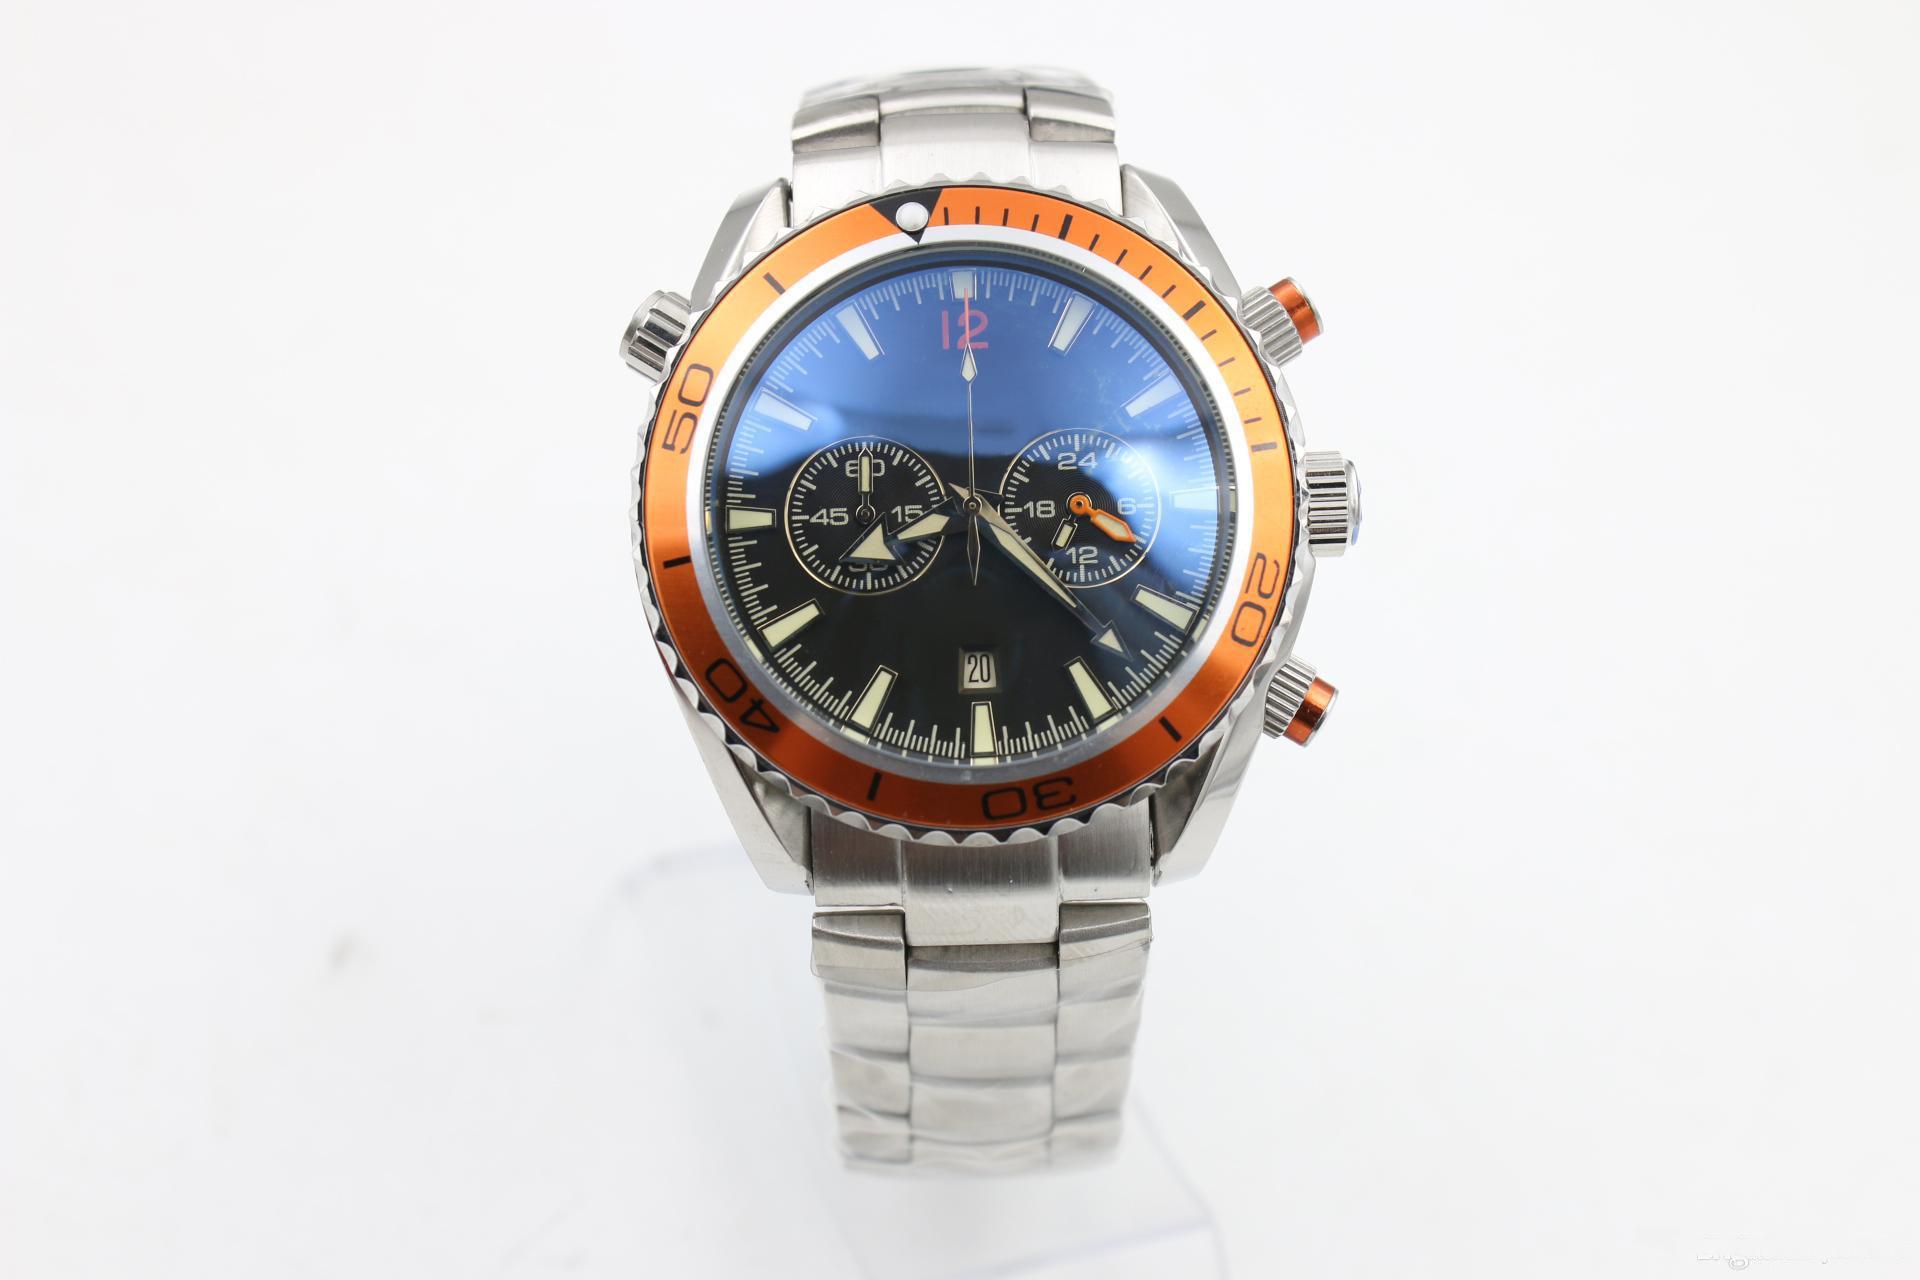 izlemek erkek kuvars Chronograph çelik kronometre Profesyonel turuncu çerçeve Eş Eksenli gezegen okyanus usta erkek kol saatleri saatler waches